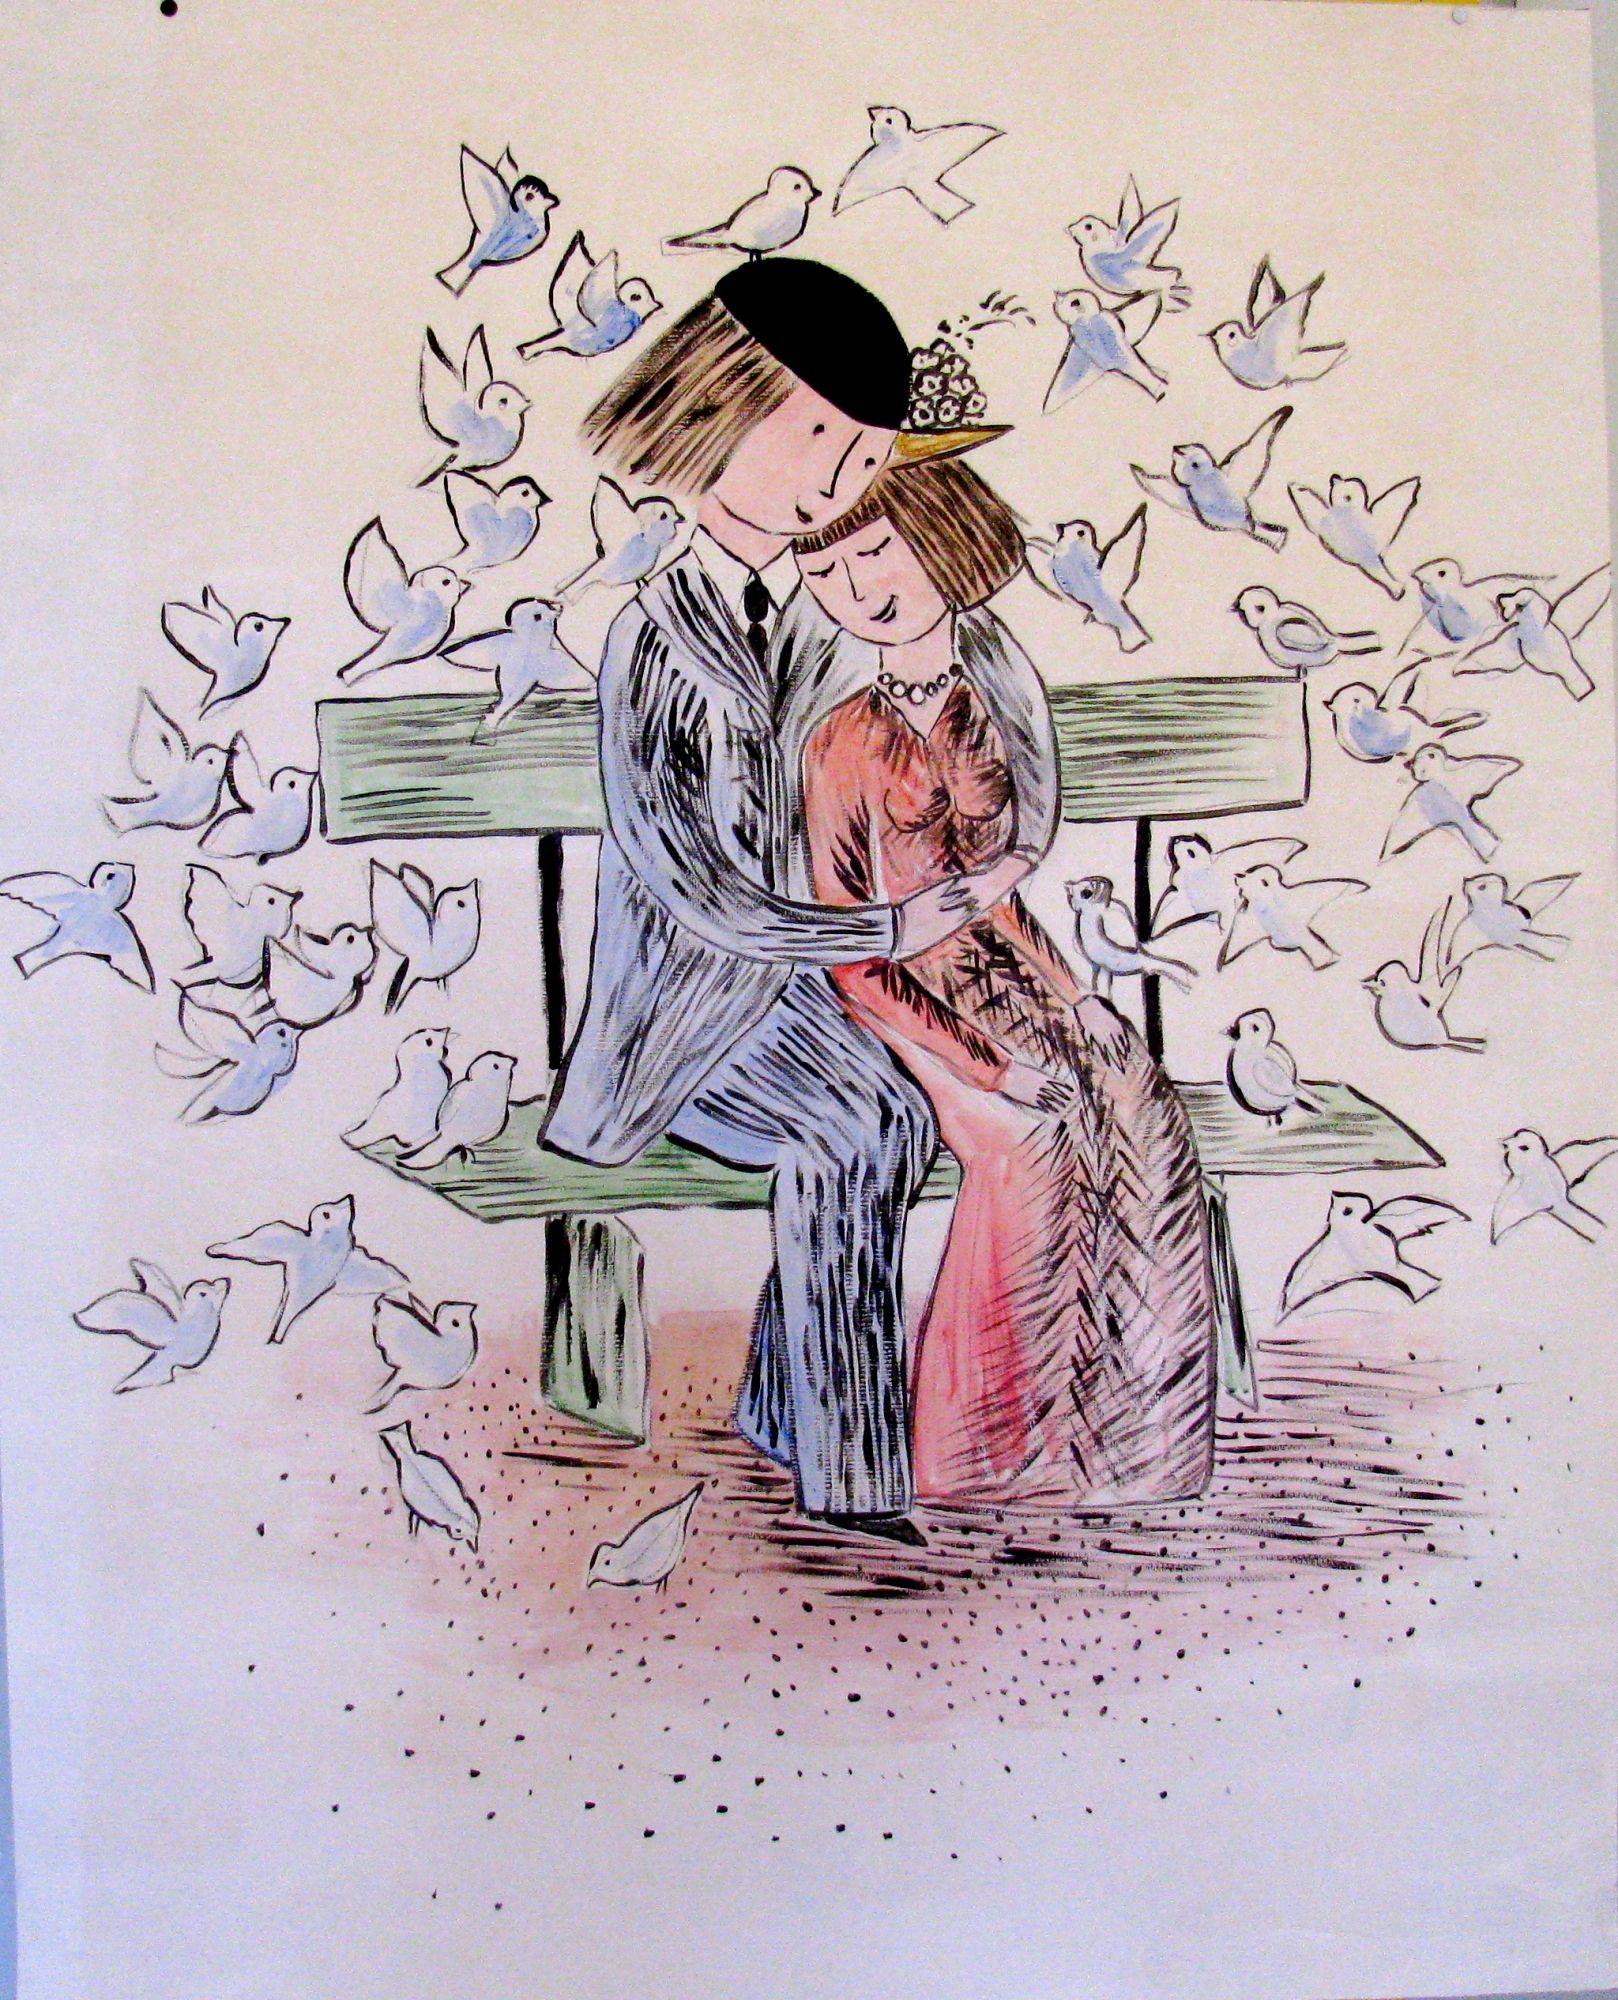 les amoureux de peynet illustrations - Google Search | ペイネ